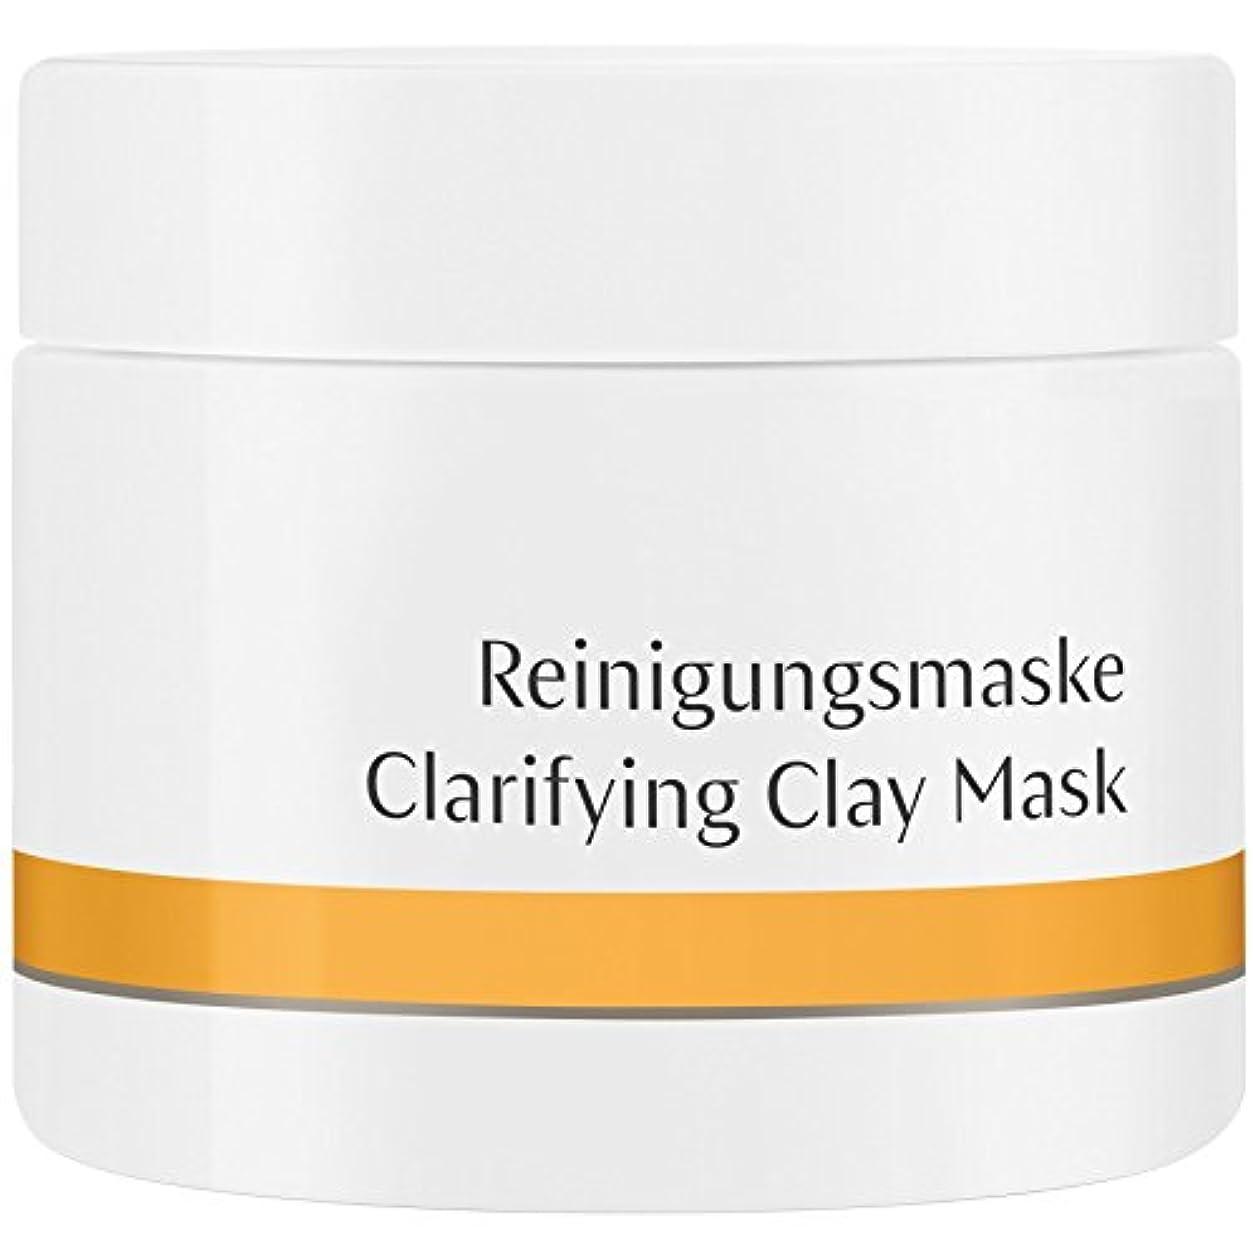 クレジット法廷大型トラック[Dr Hauschka] Drハウシュカ明確化クレイマスク90グラム - Dr Hauschka Clarifying Clay Mask 90g [並行輸入品]